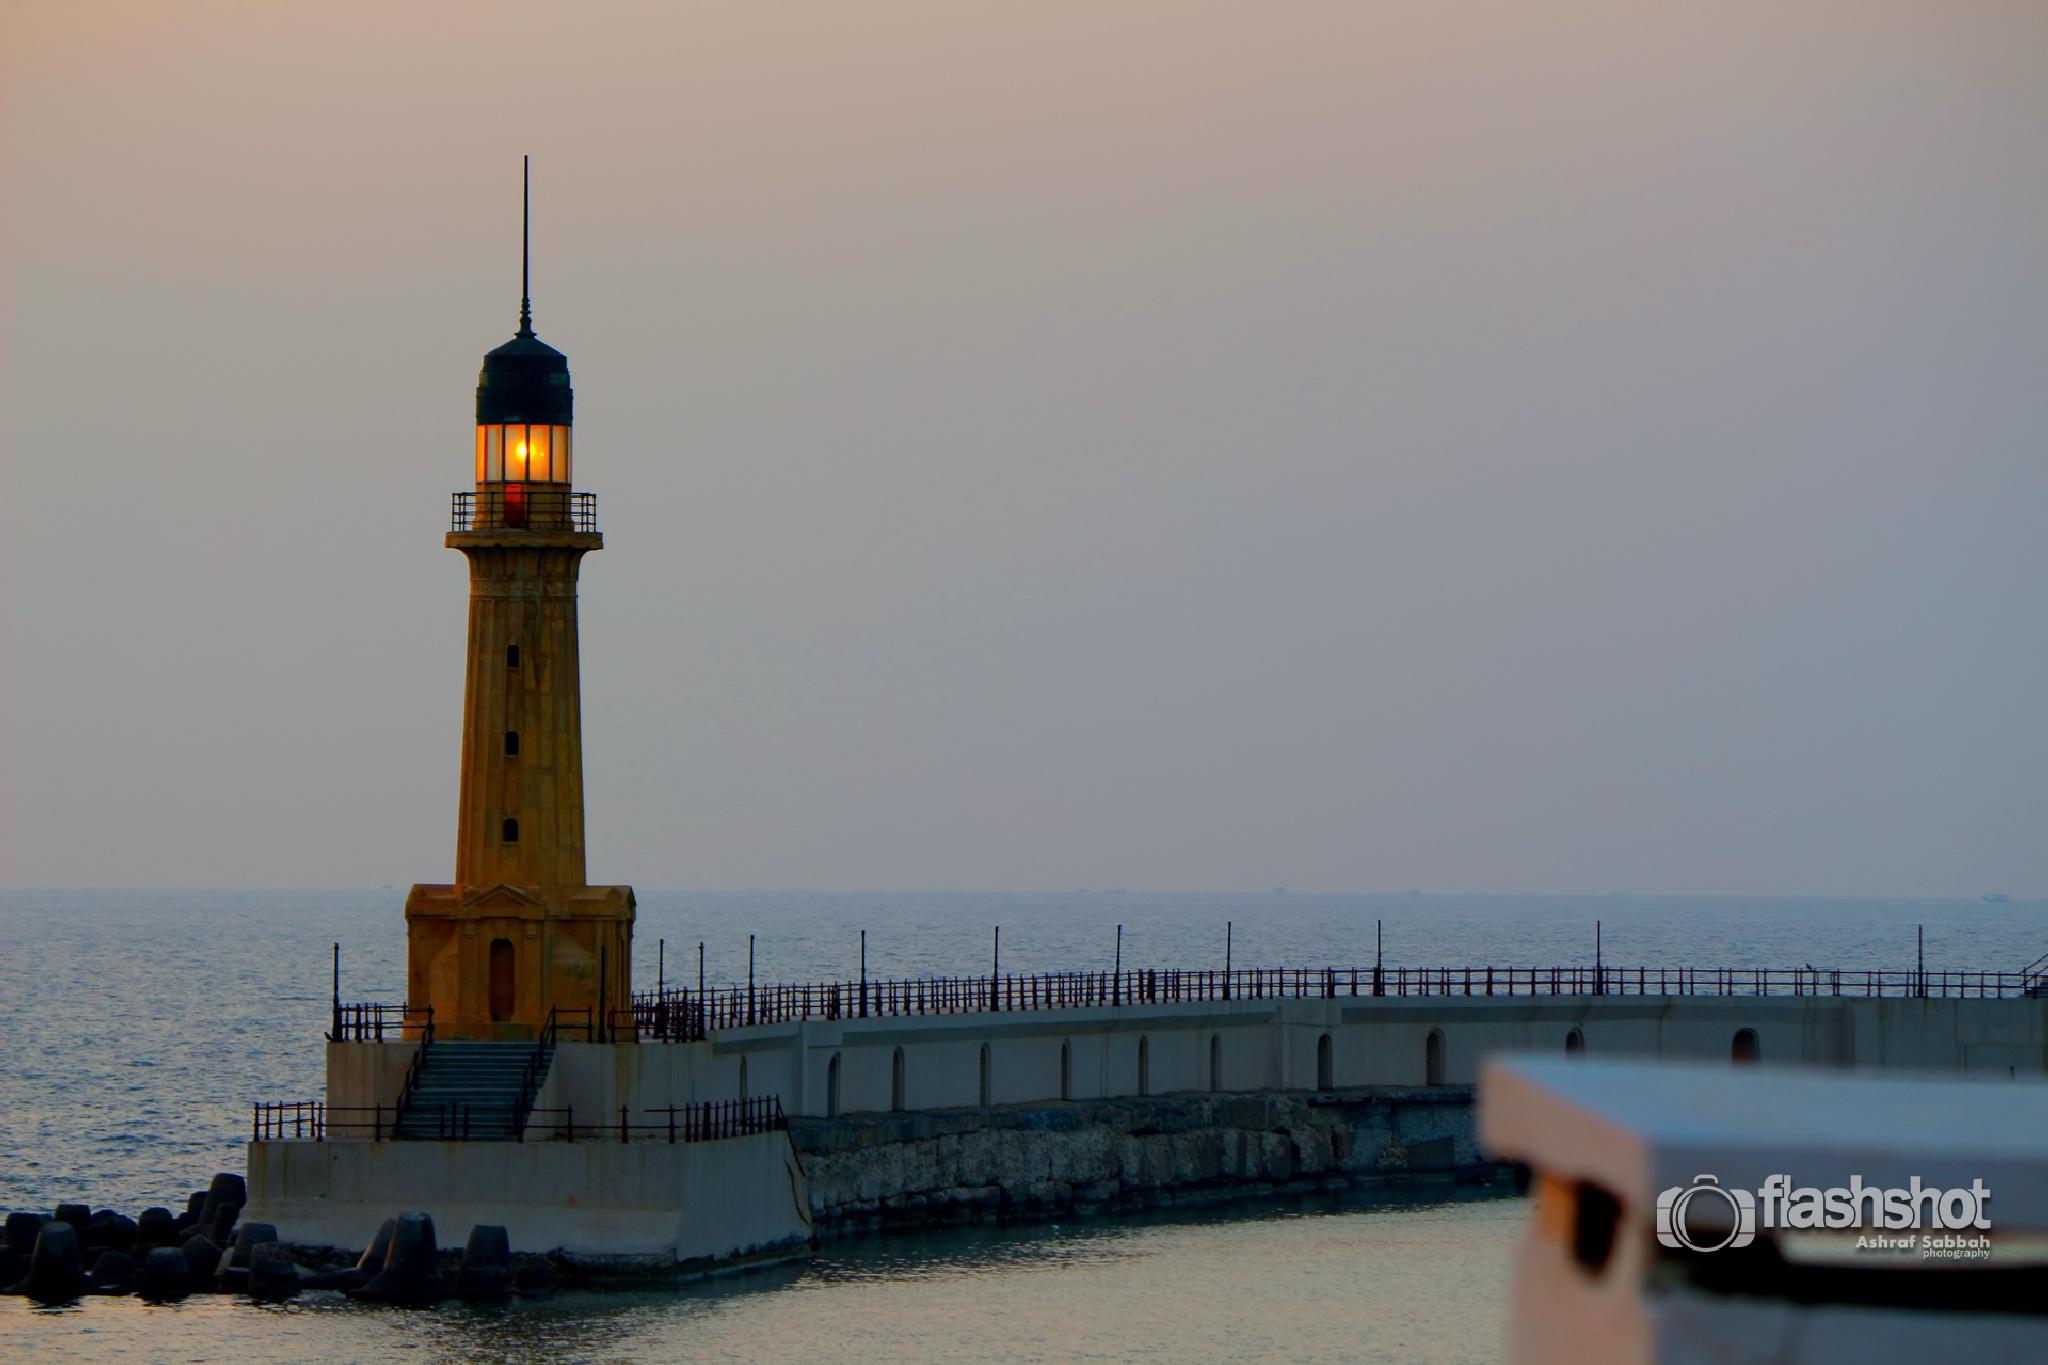 Light house by Ashraf Sabbah